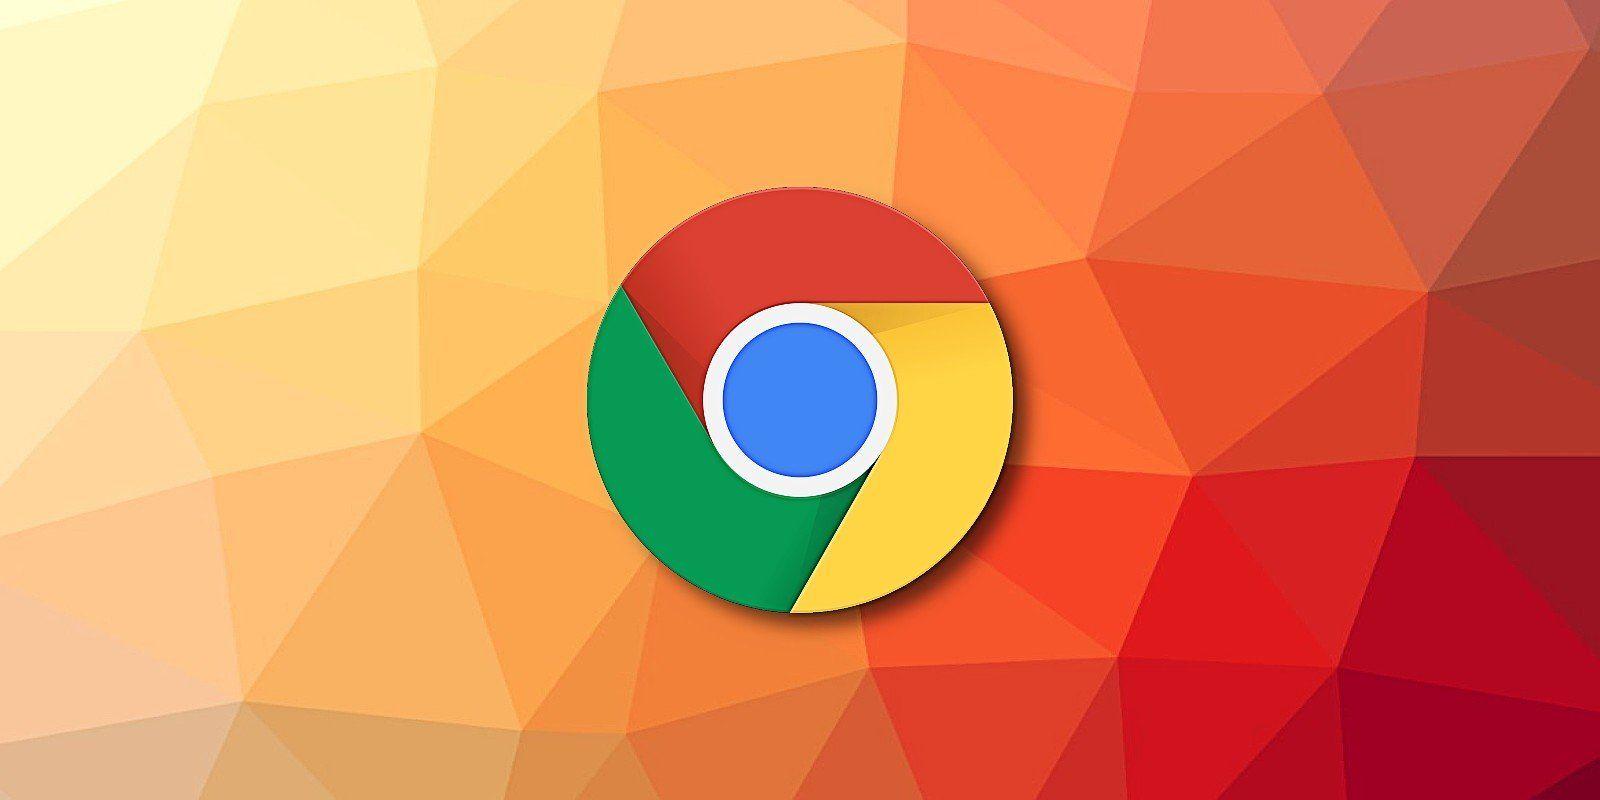 Cómo cambiar automáticamente el fondo de una nueva pestaña en Google Chrome.